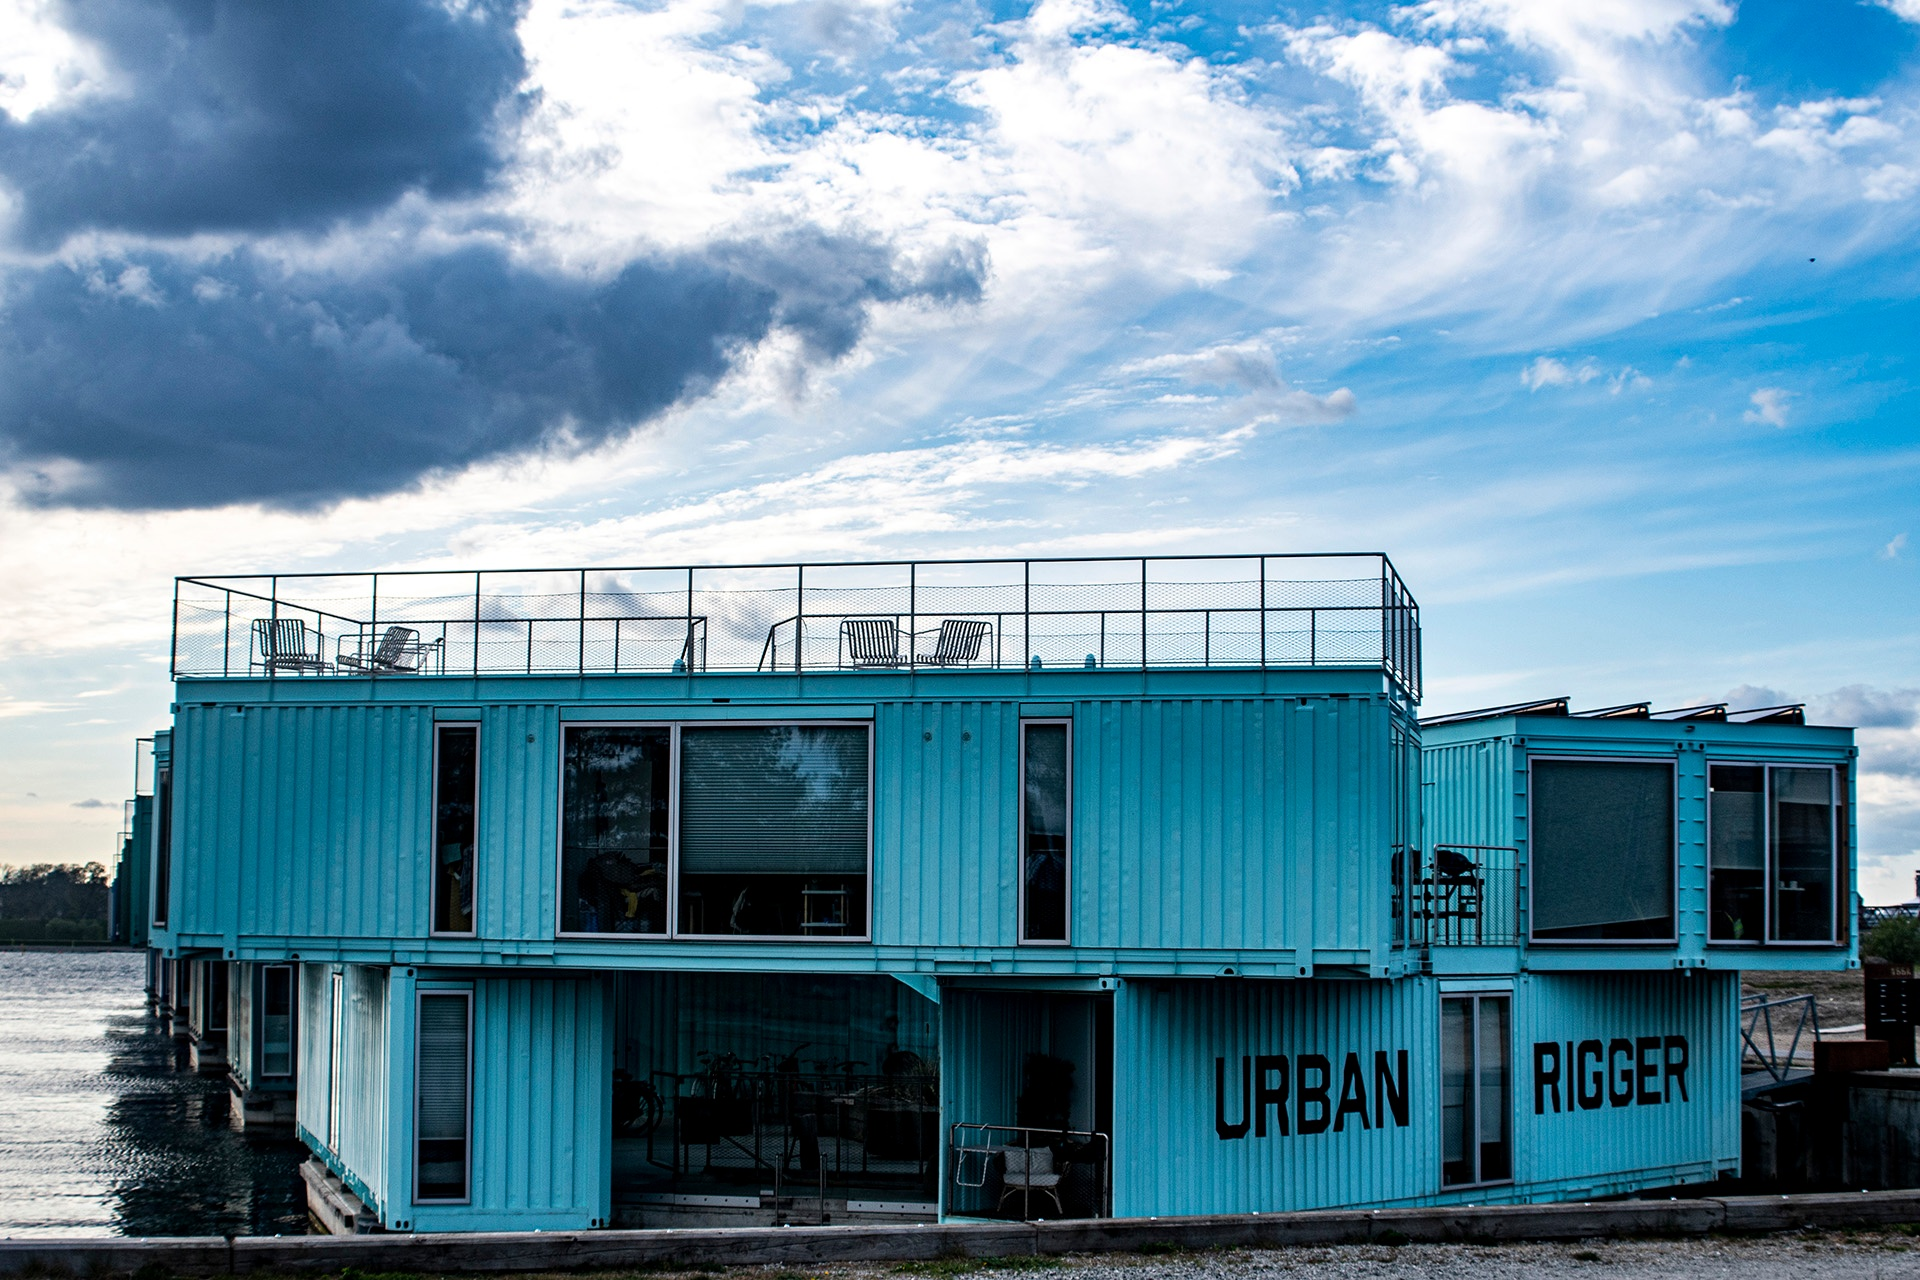 Urban Rigger3_1600